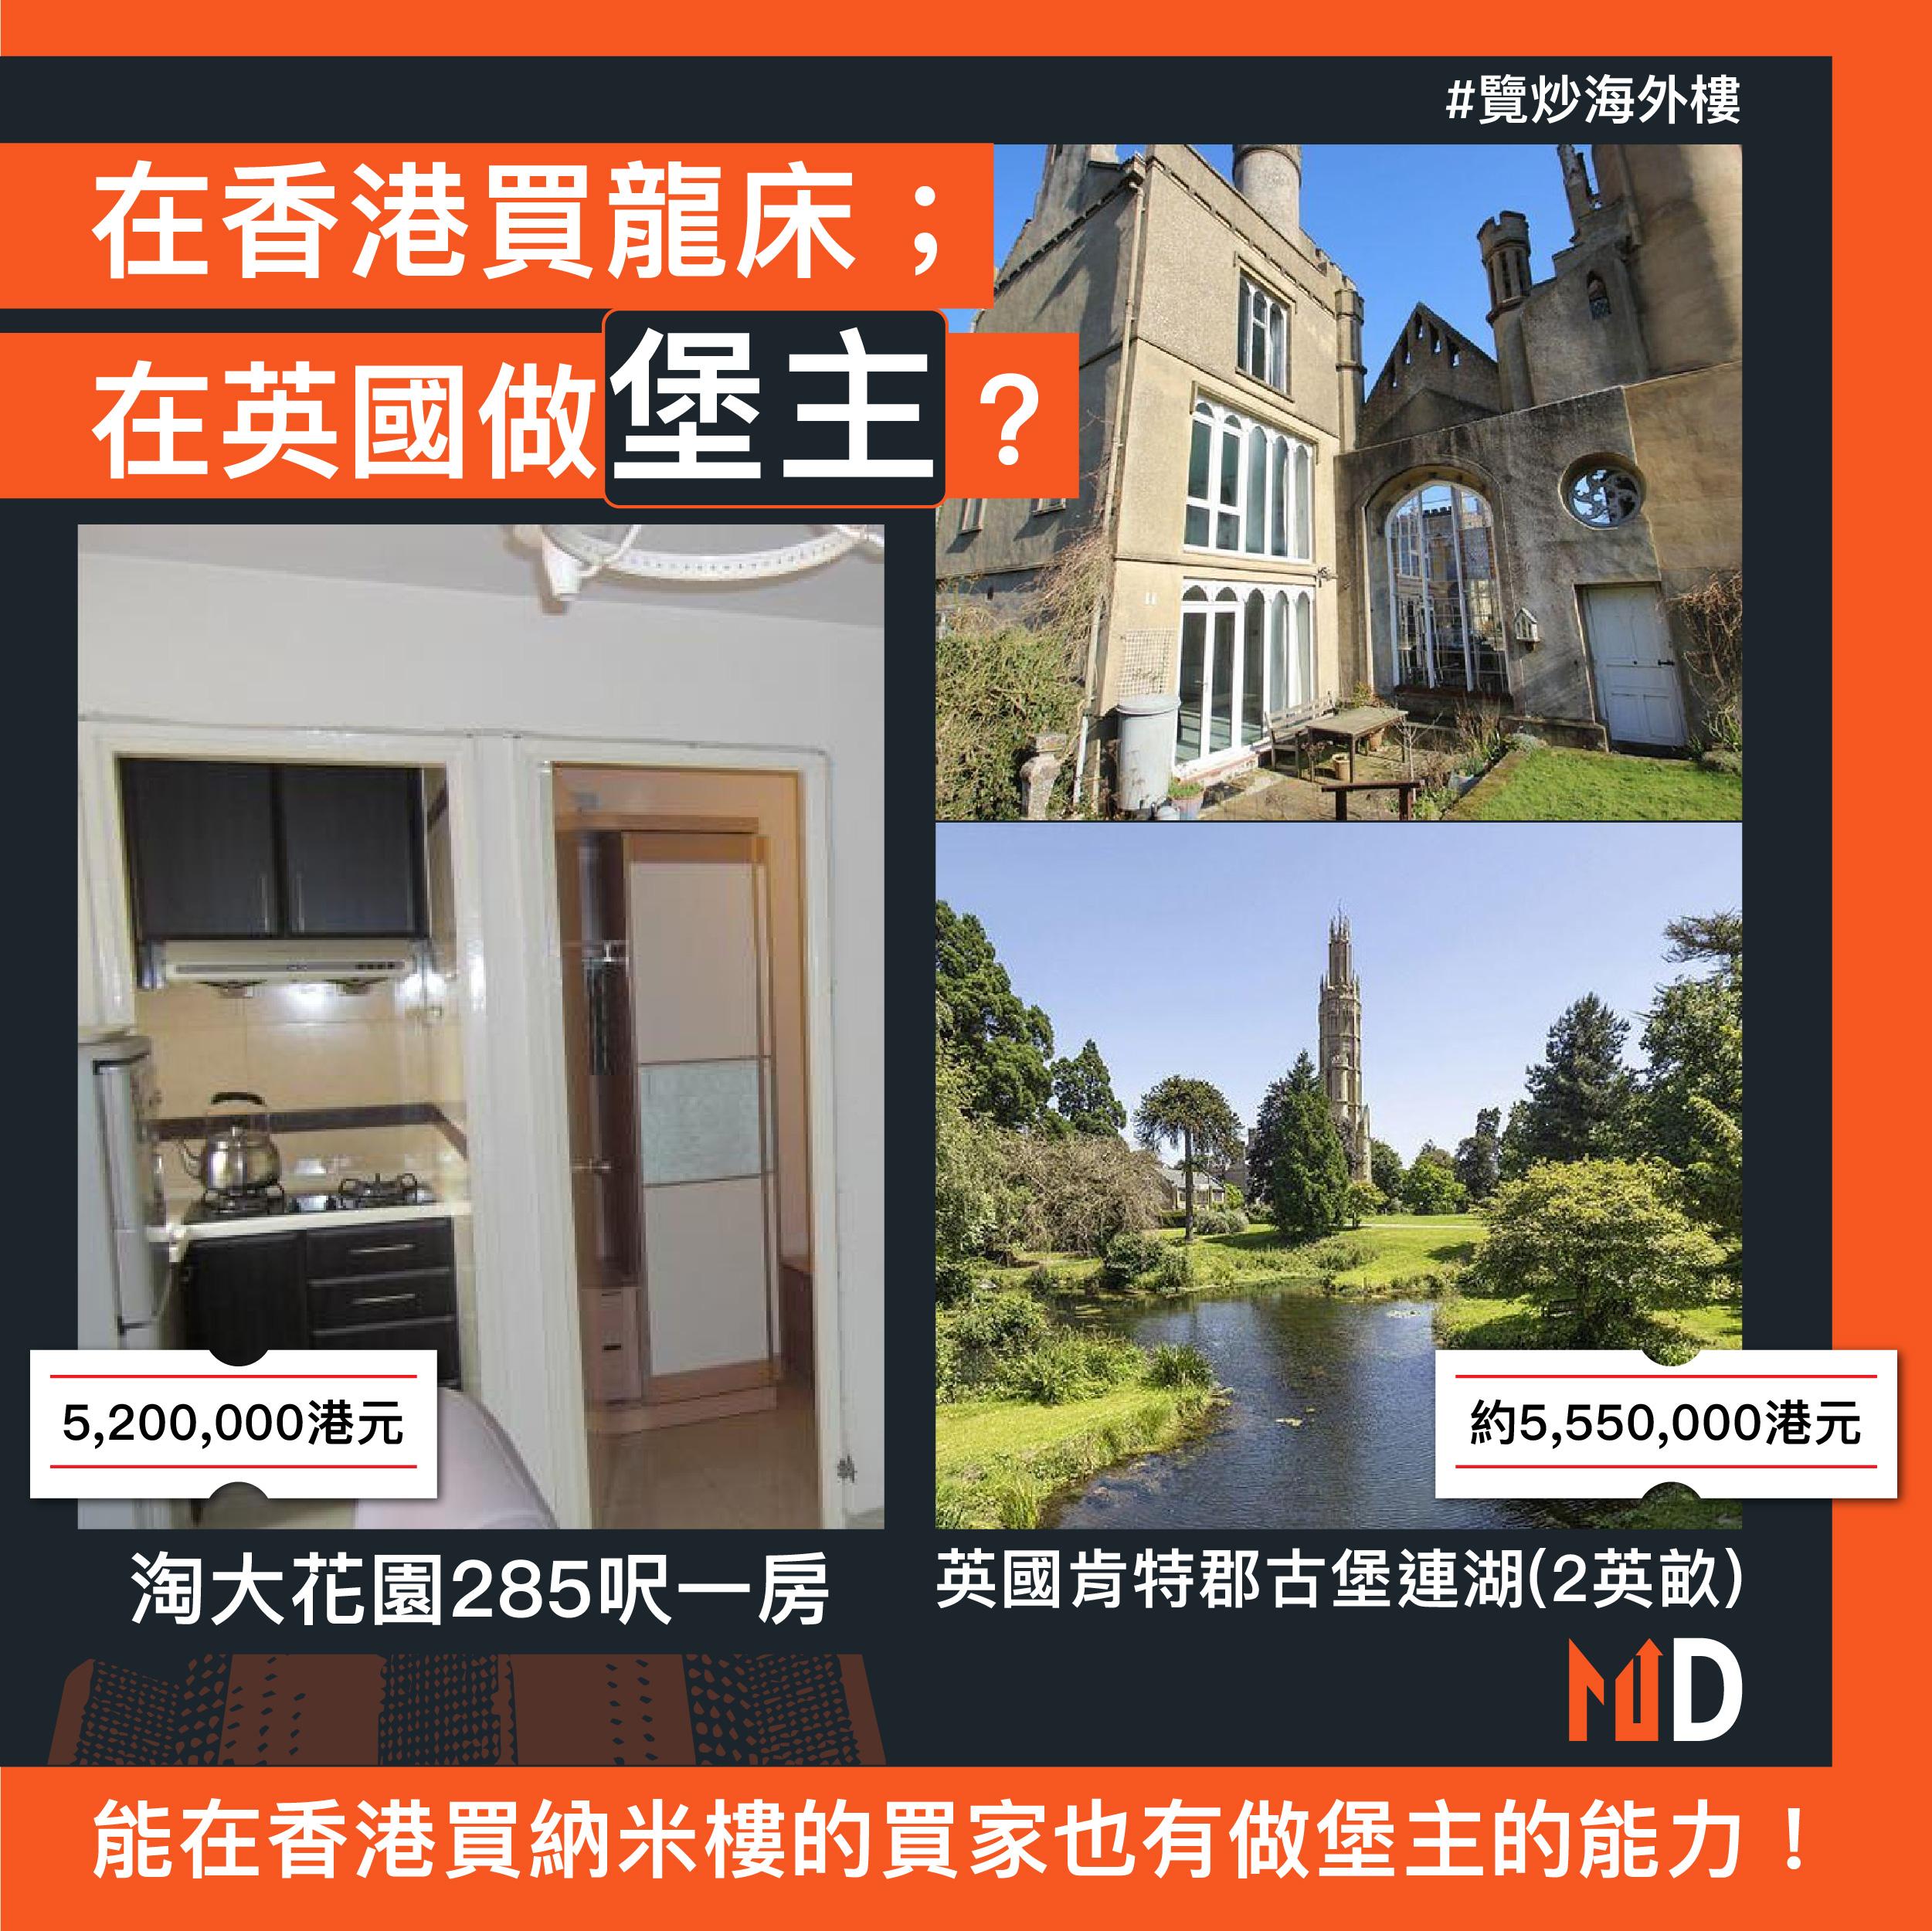 【覽炒海外樓】在香港買龍床;在英國做堡主?